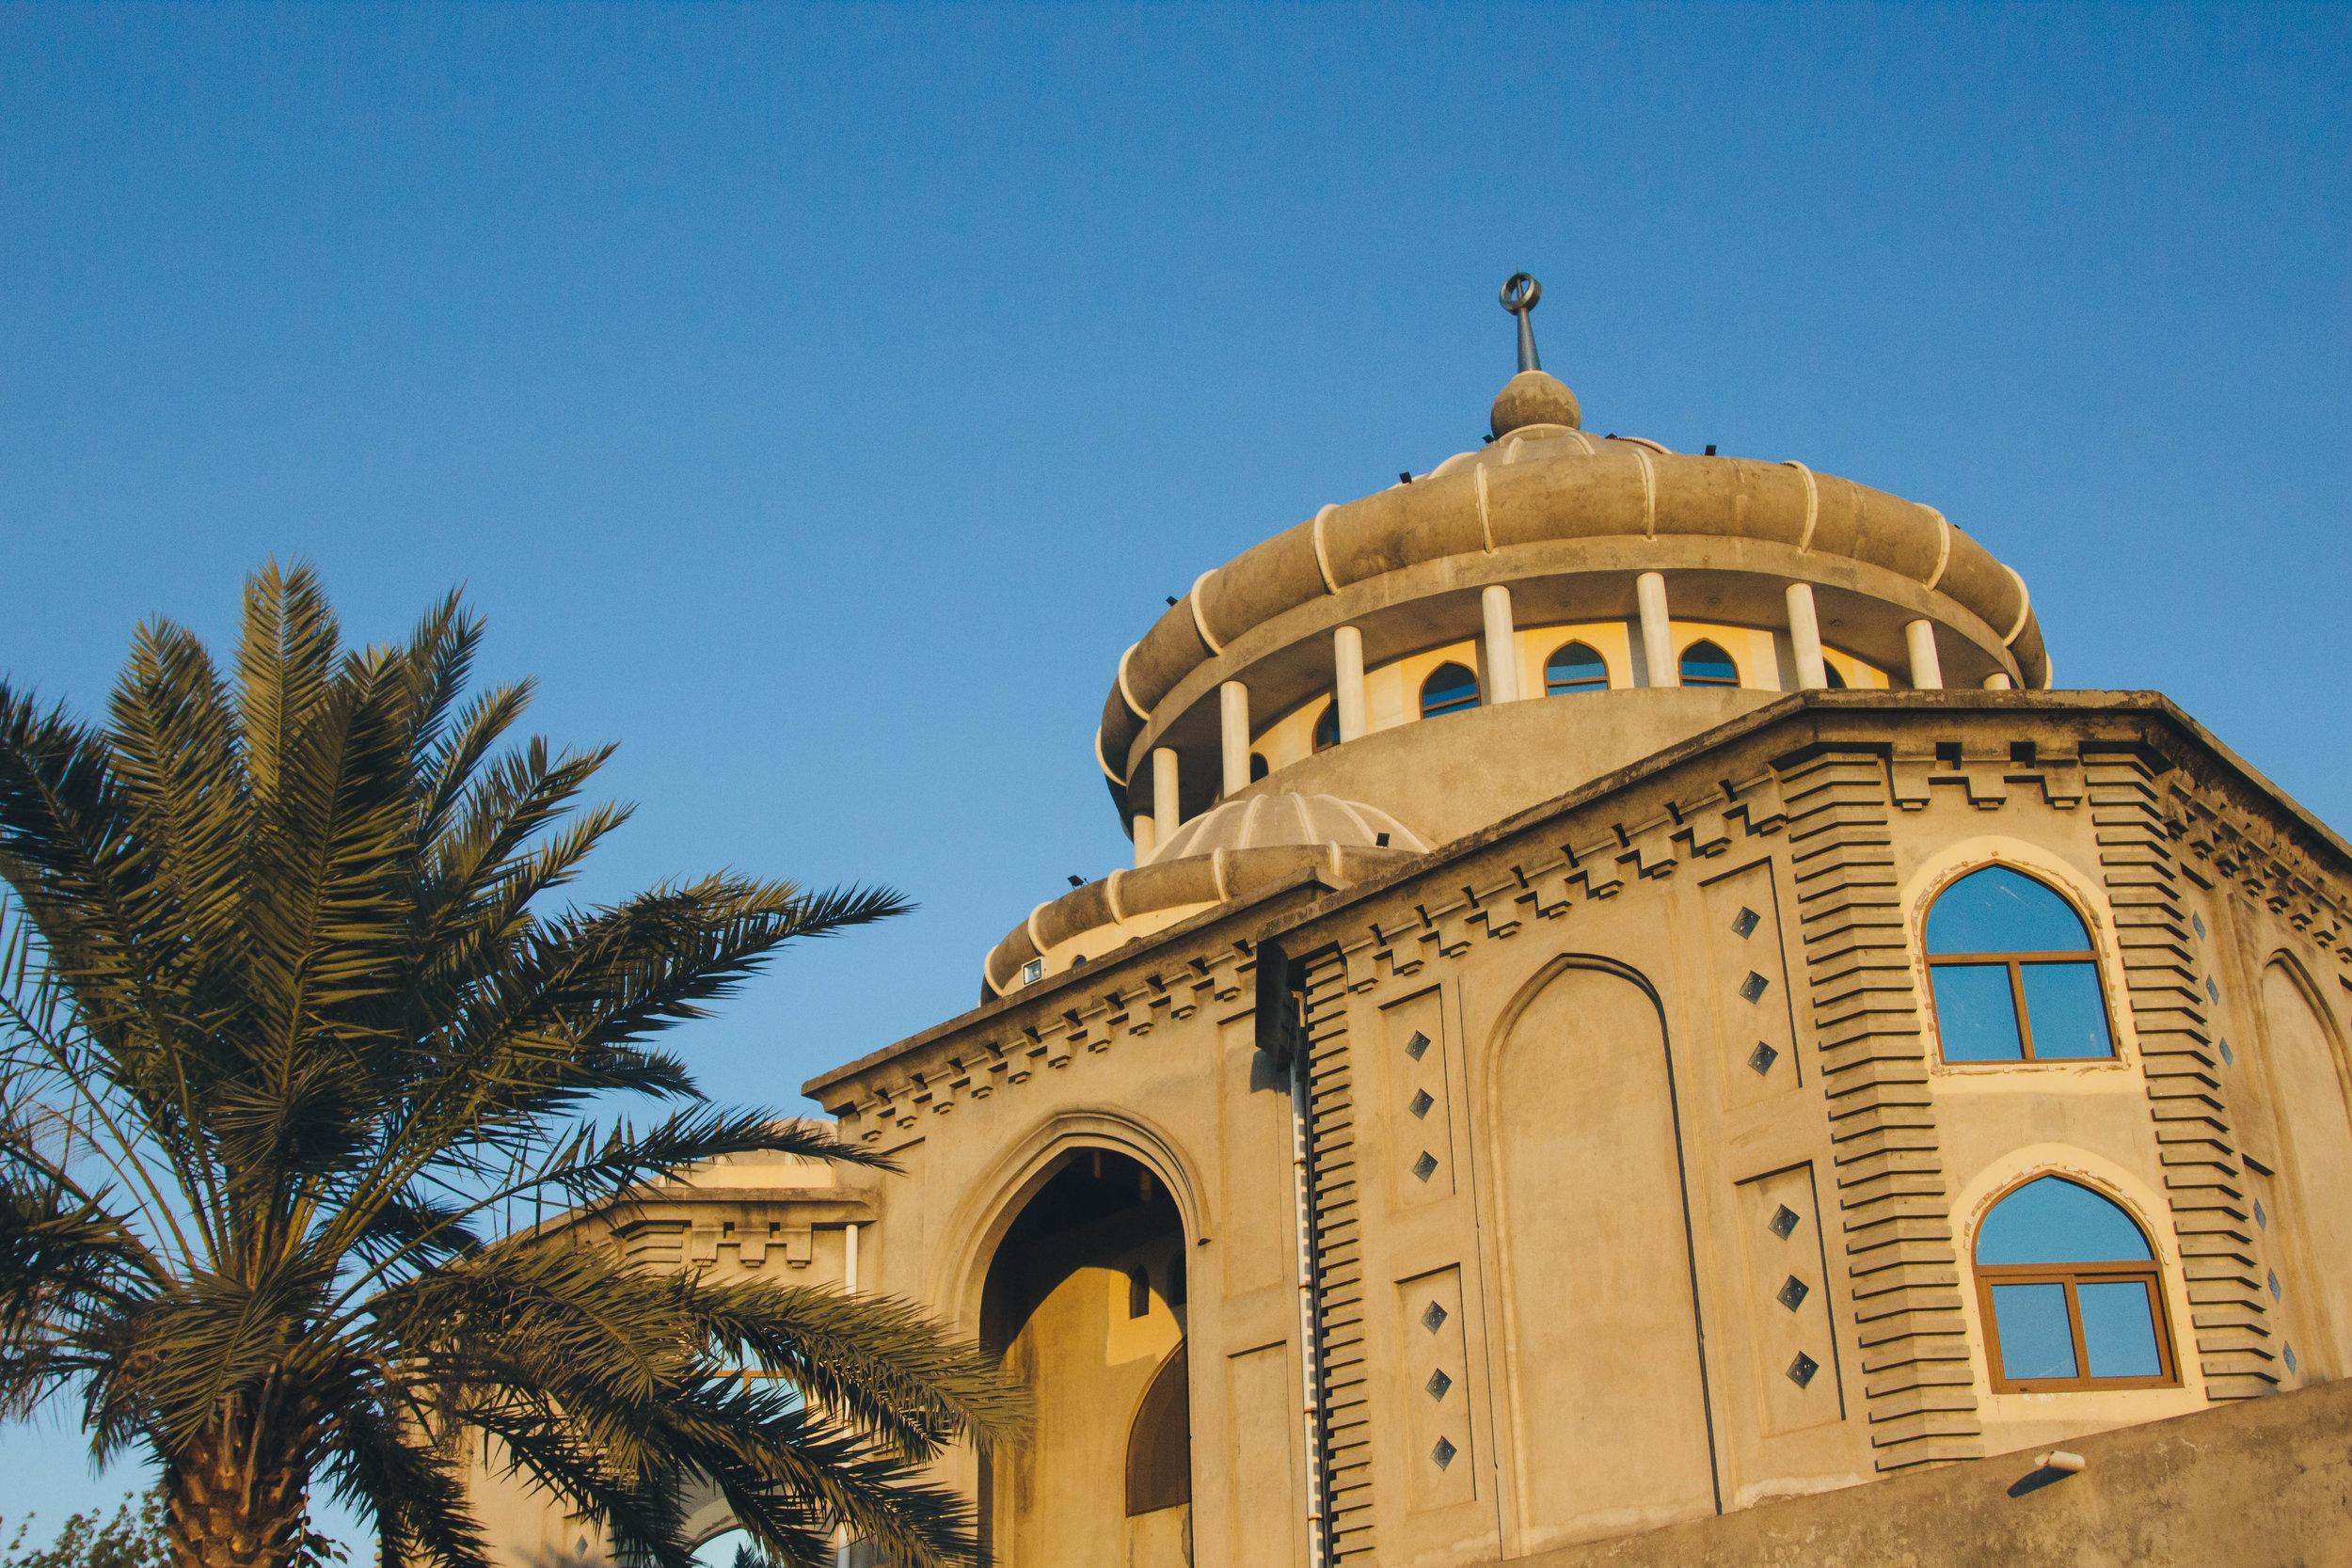 akbar masjid, gujrat, pakistan